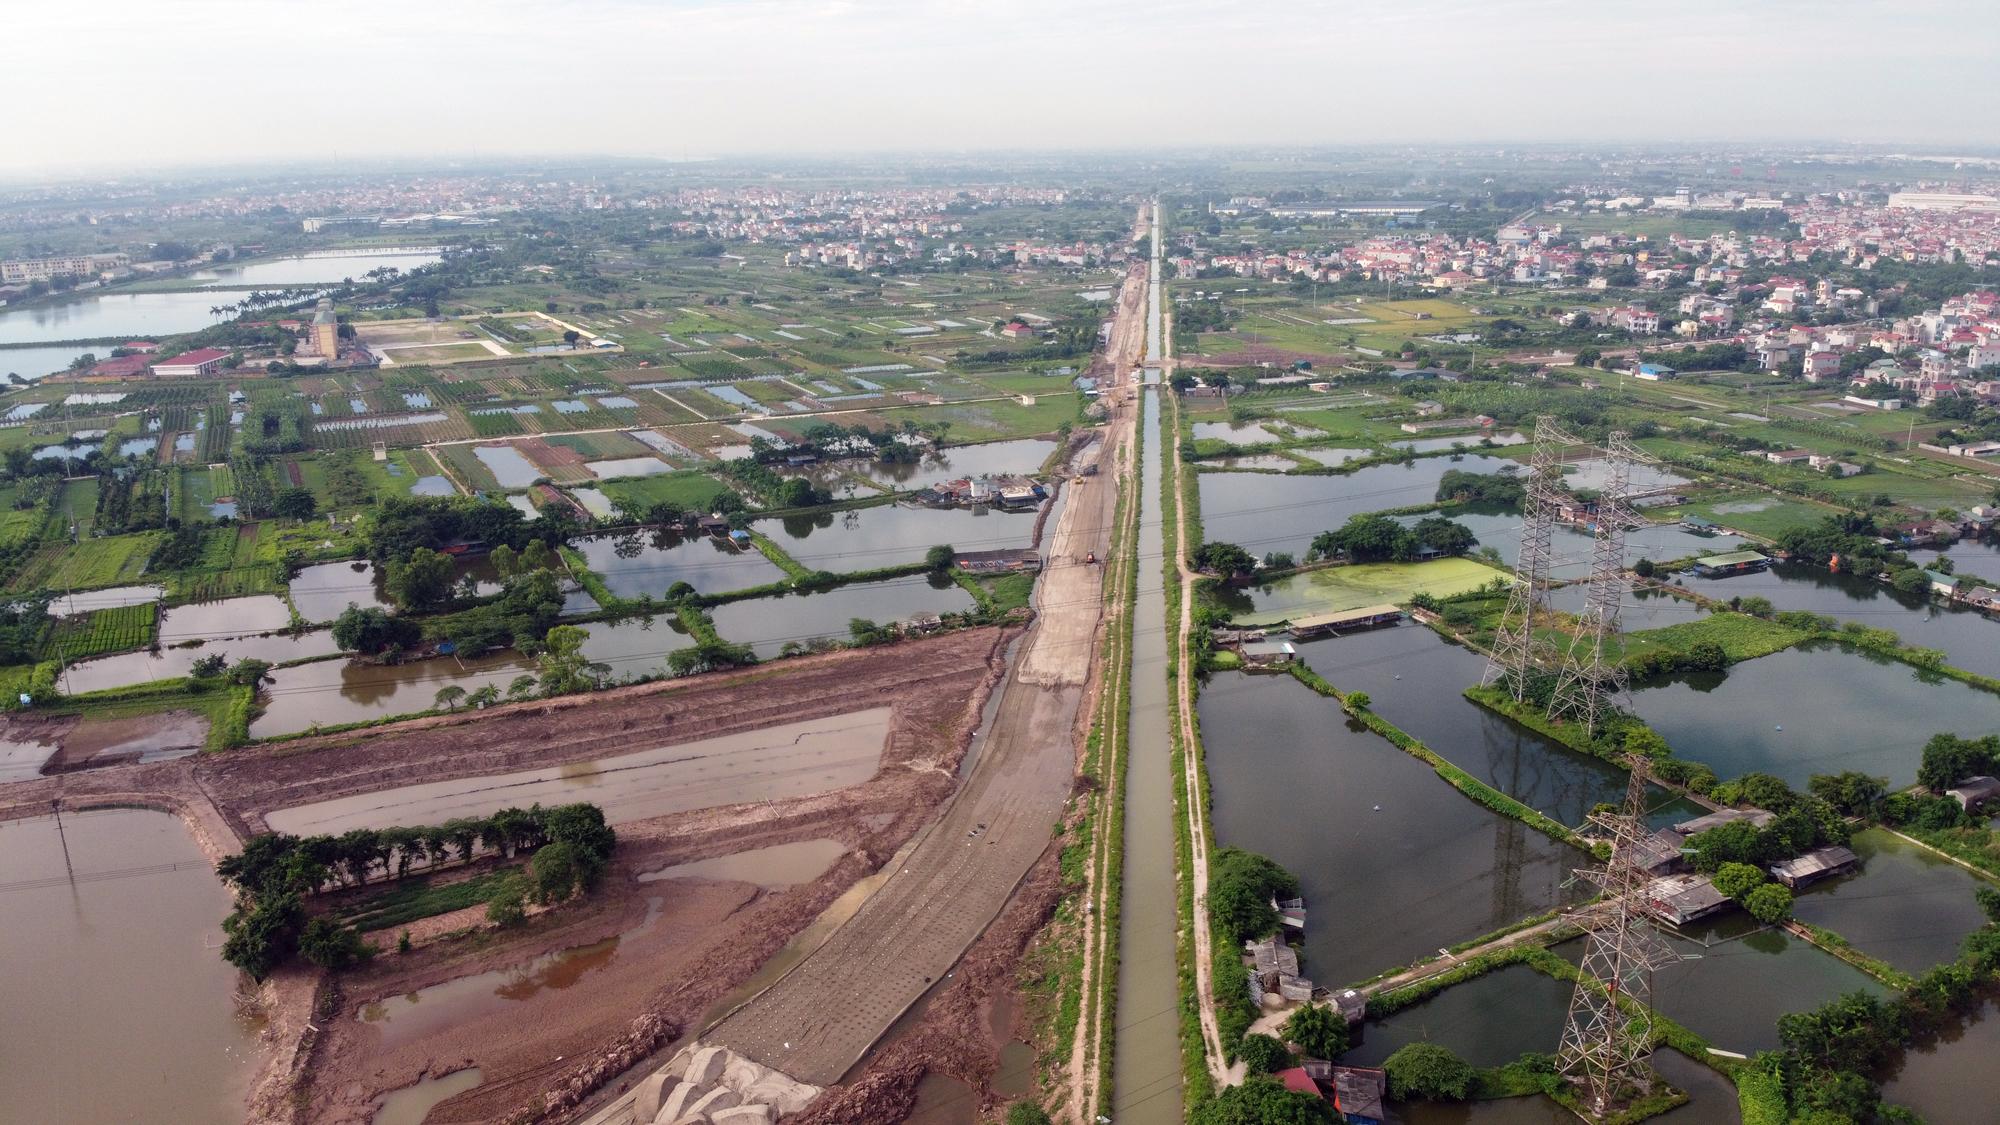 Cầu sẽ mở theo qui hoạch ở Hà Nội: Toàn cảnh vị trí làm cầu Mễ Sở nối Văn Giang - Thường Tín - Ảnh 6.